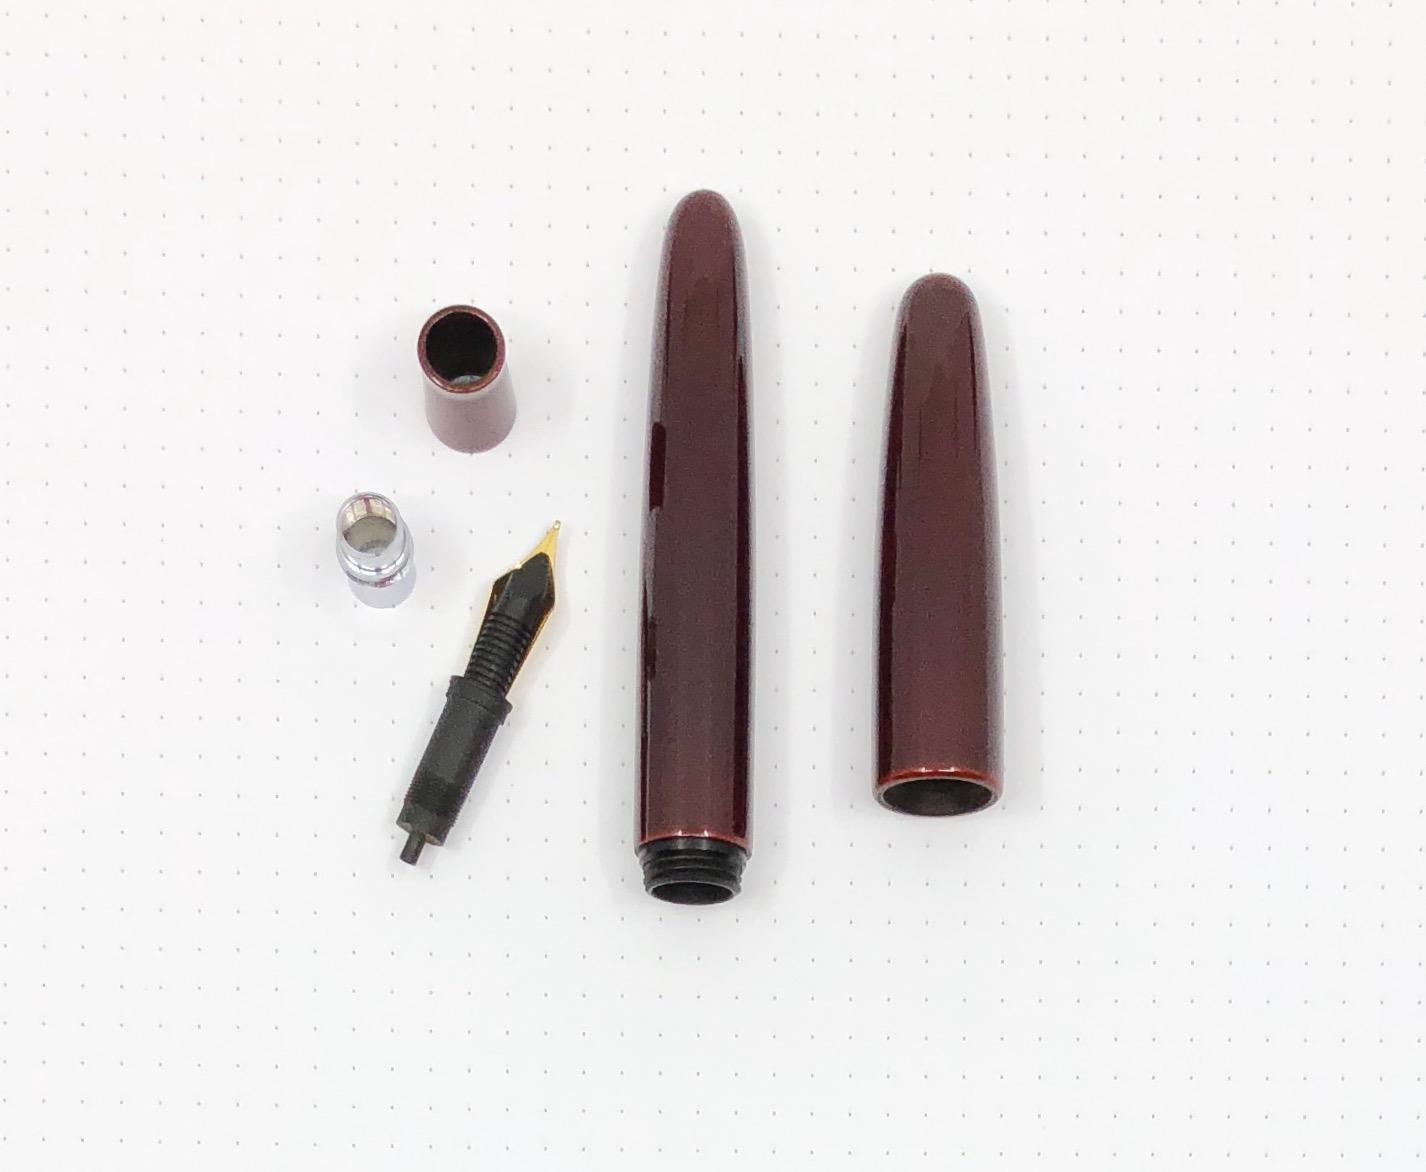 Wancher Dream Pen Parts